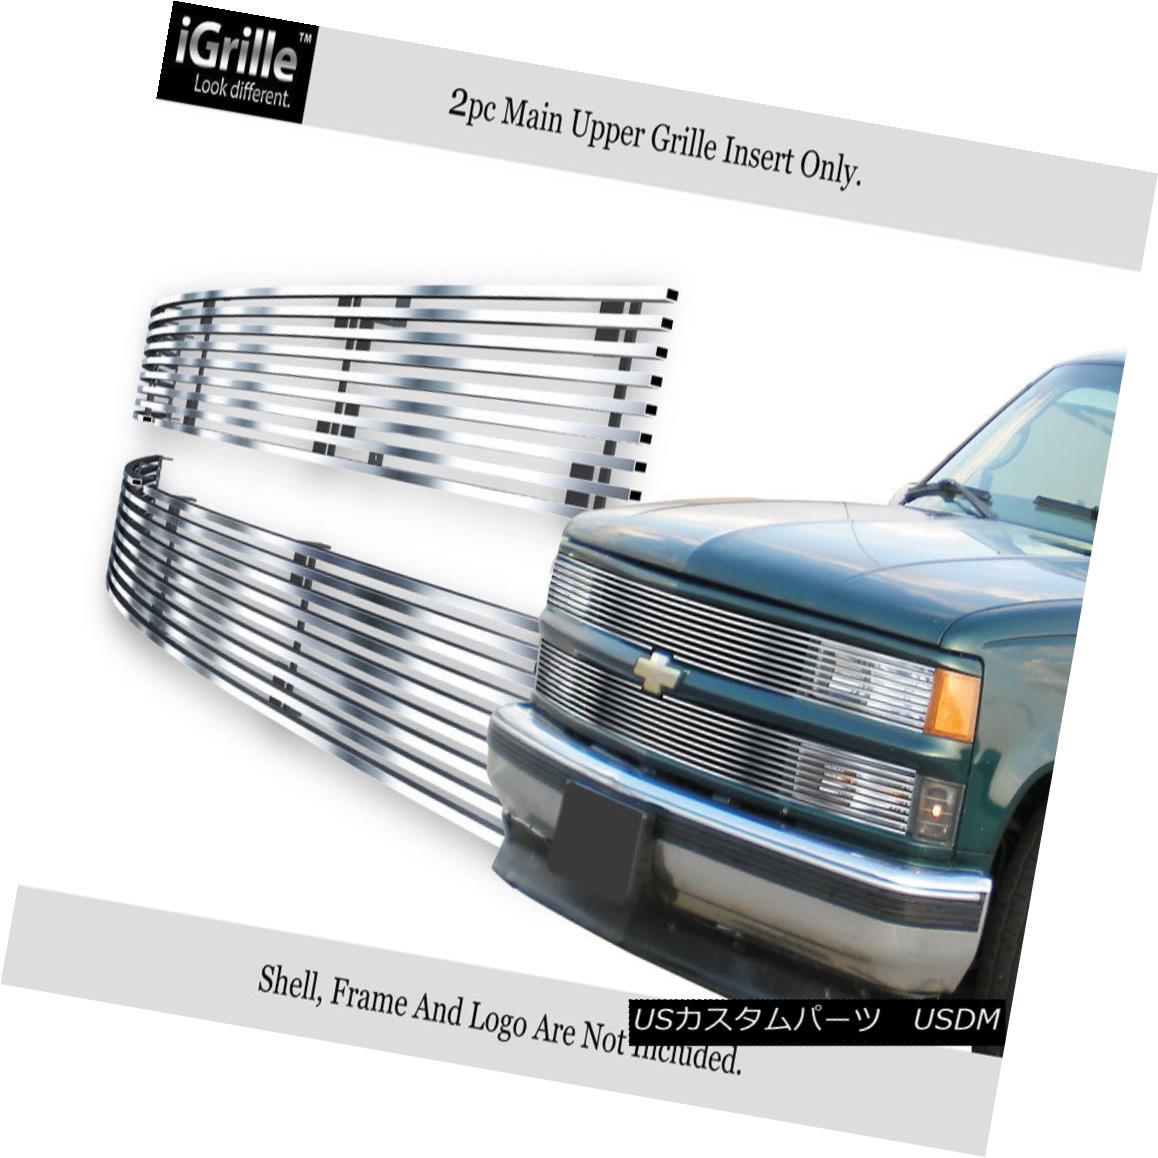 グリル For 88-93 Chevy C/K Pickup/92-93 Suburban/Blazer Stainless Billet Grille 88-93シボレーC / Kピックアップ/ 92-93郊外/ブレーズ rステンレスビレットグリル